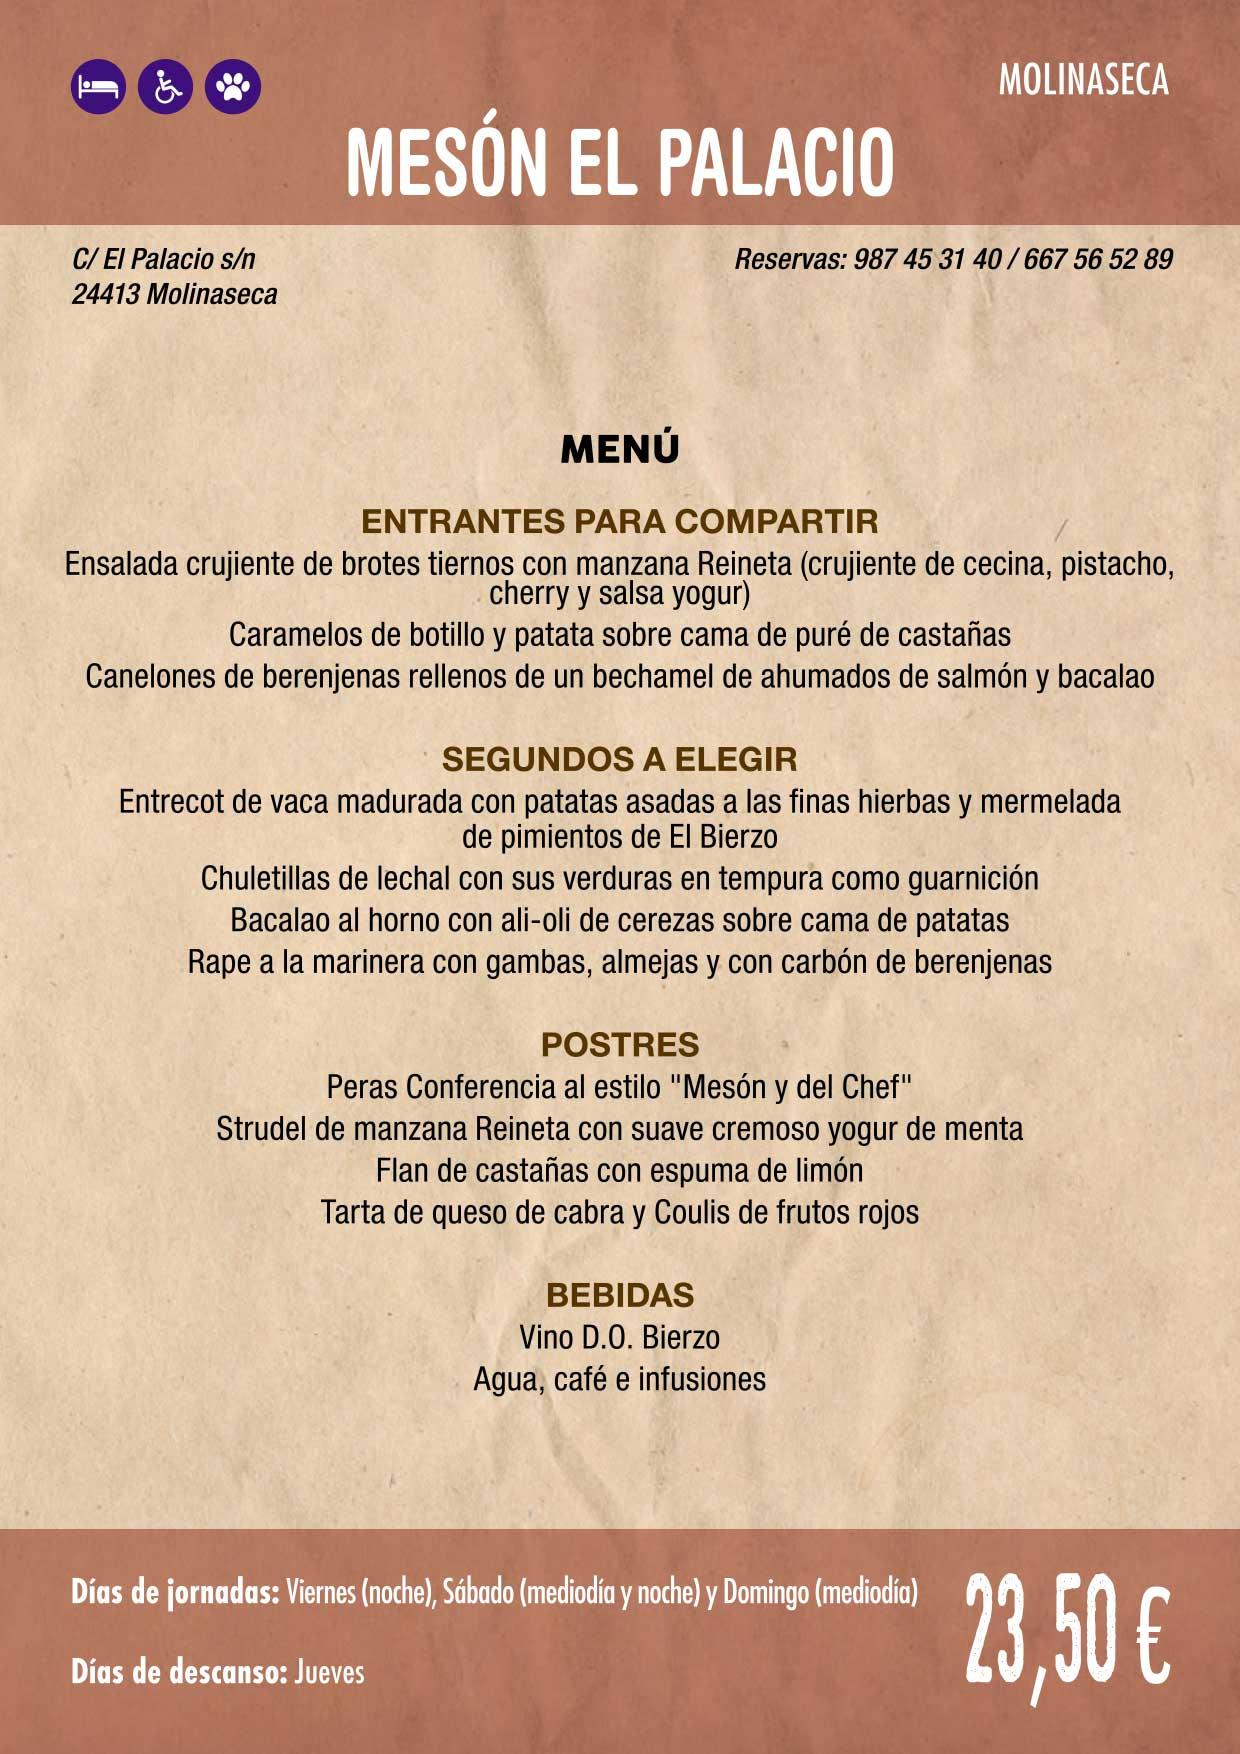 XXXVI Jornadas Gastronómicas De El Bierzo 2020. Consulta los restaurantes y menús 11